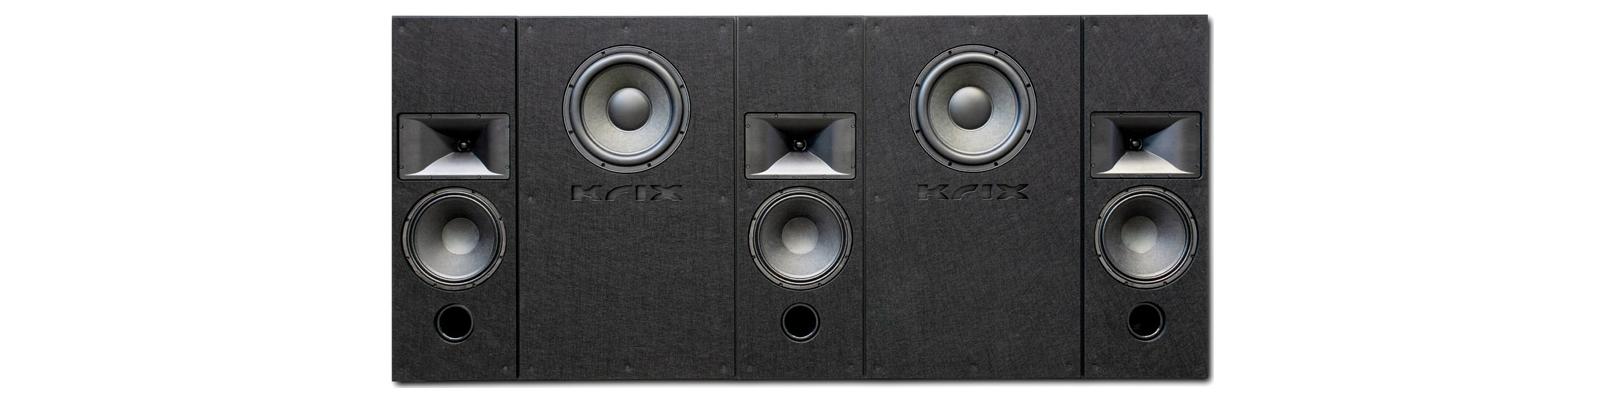 Krix MX-10